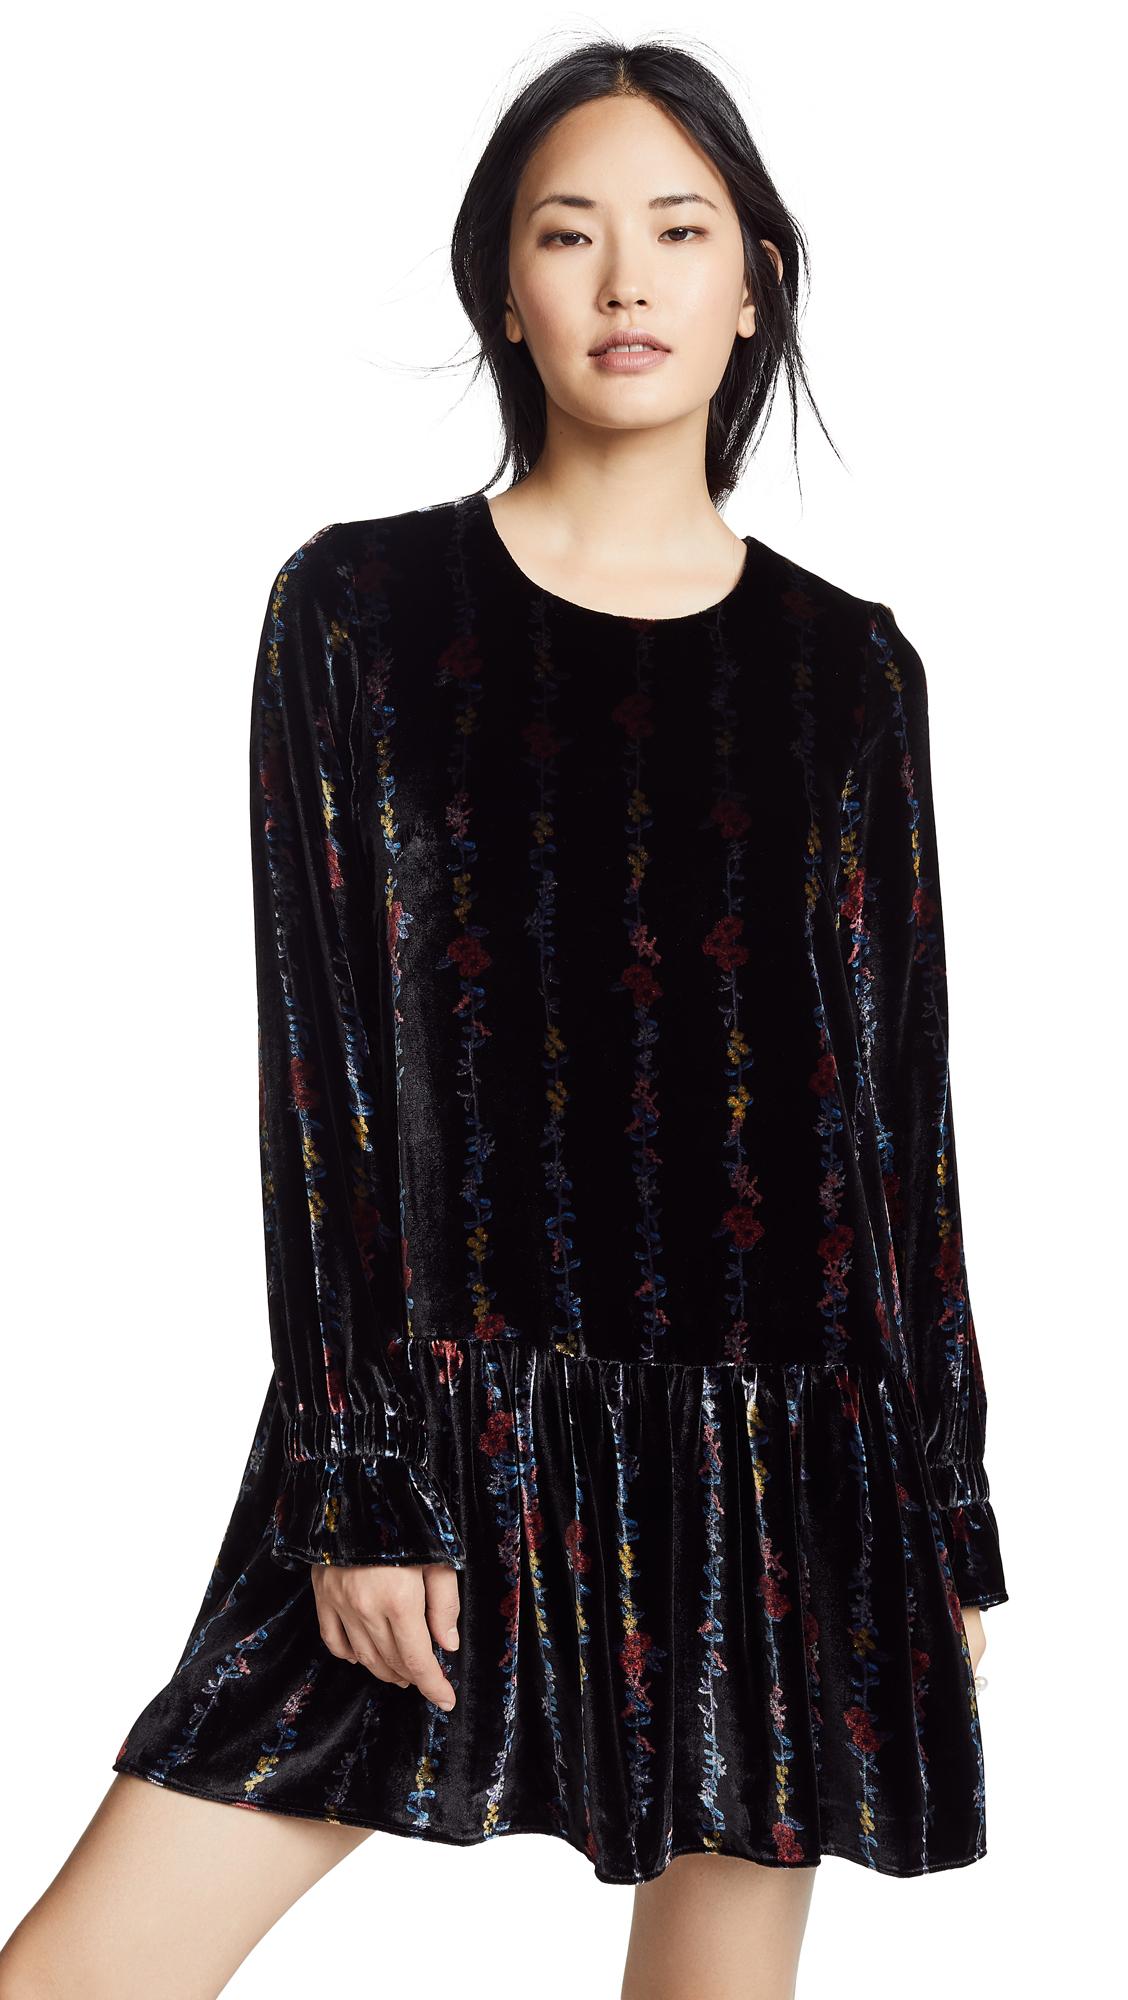 Milly Quinn Dress